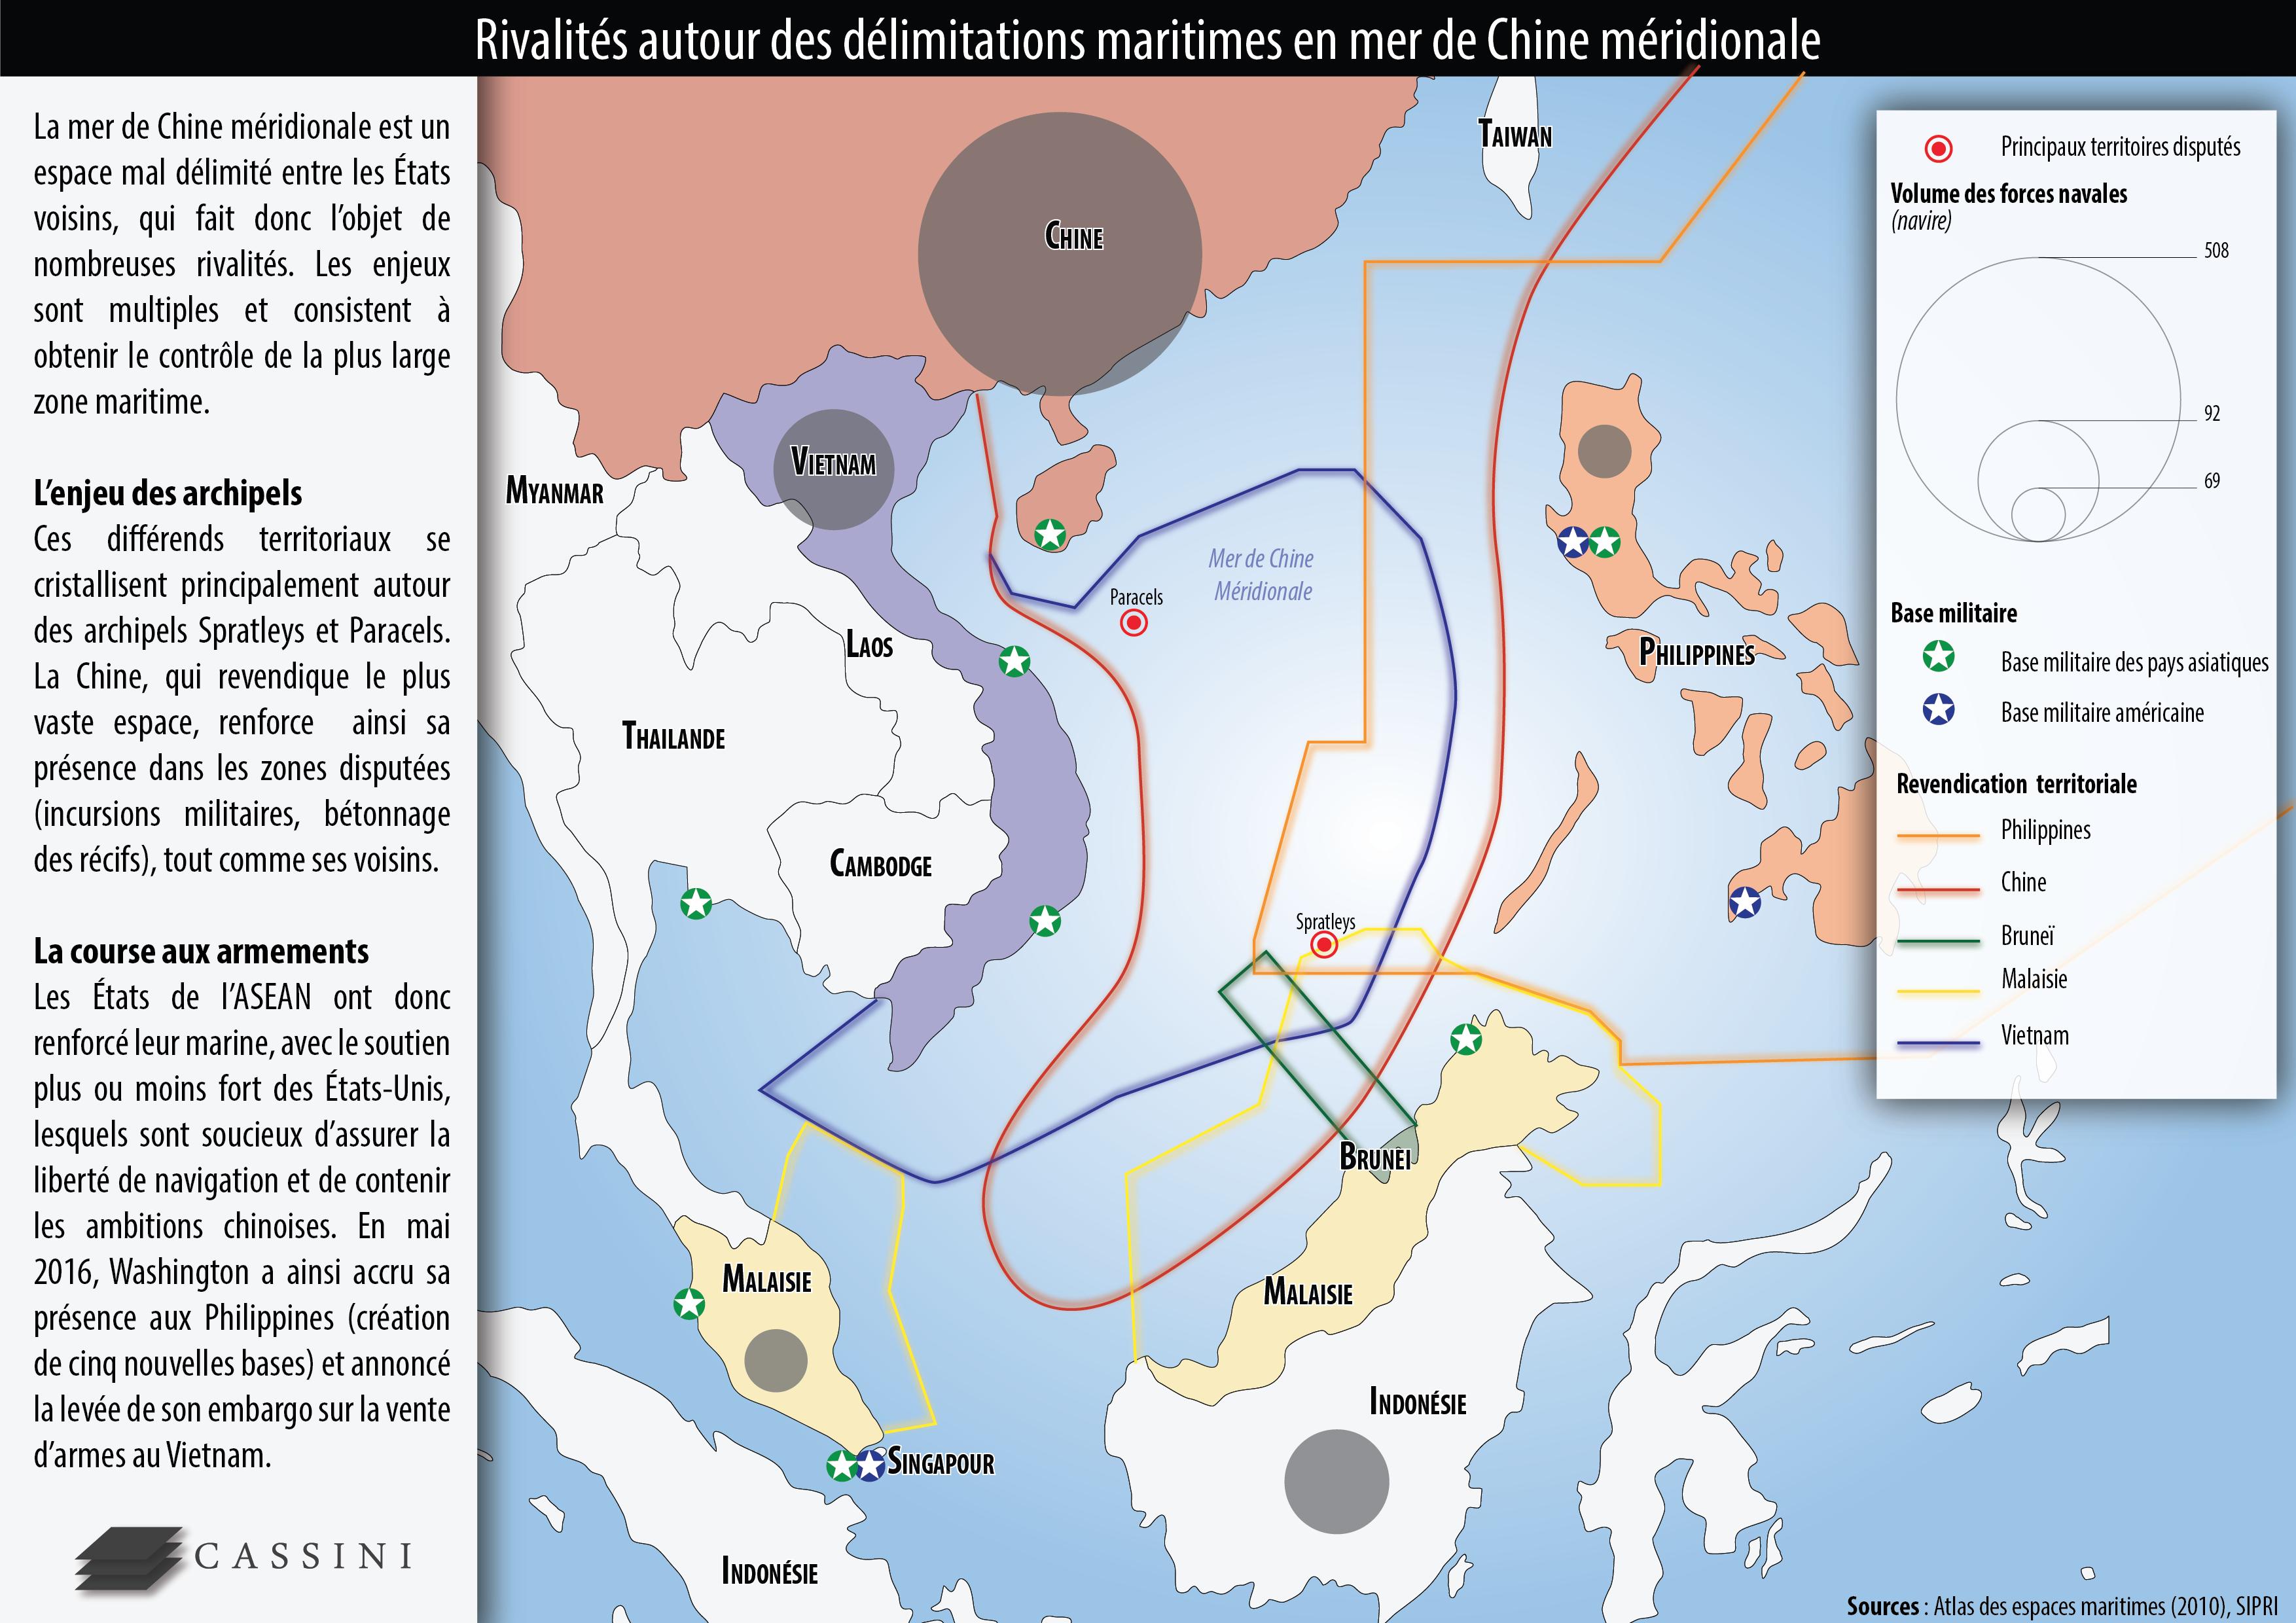 Enjeux Et Rivalites En Mer De Chine Meridionale Chine Carte Chine Meridional